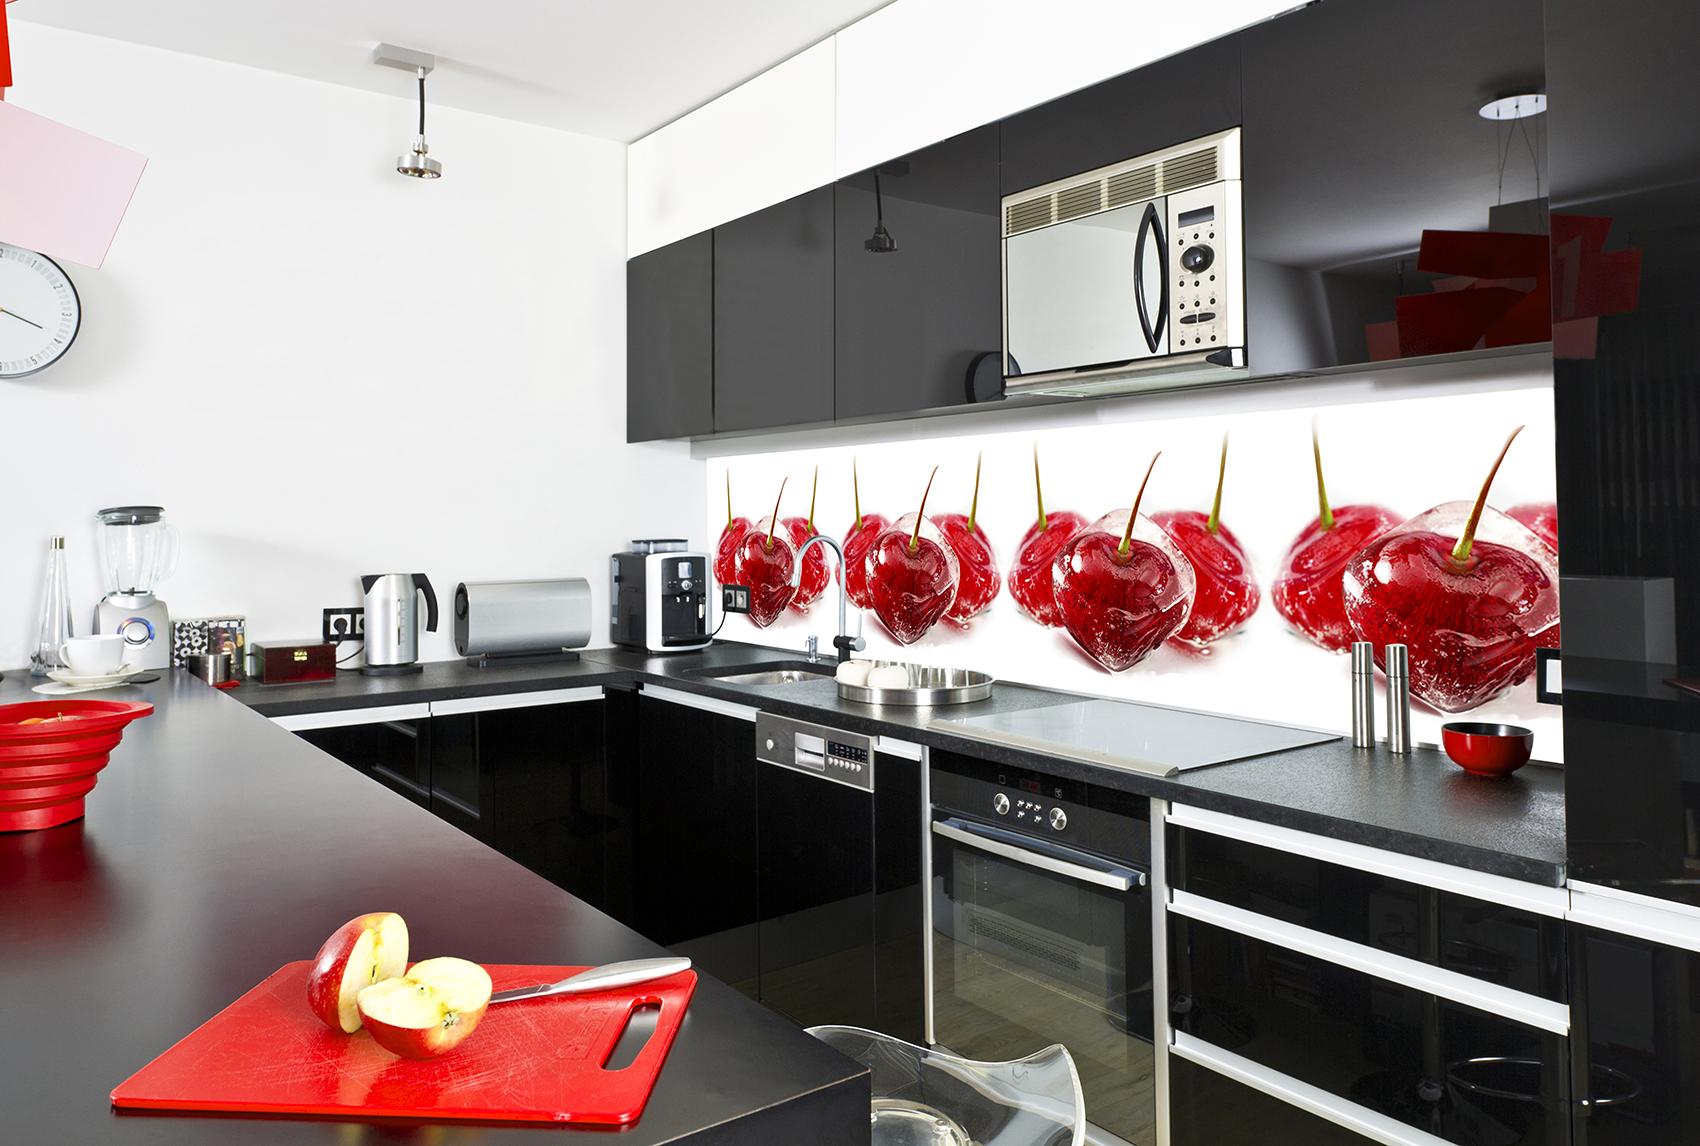 Выбираем скинали для кухни: варианты и особенности (25 фото)